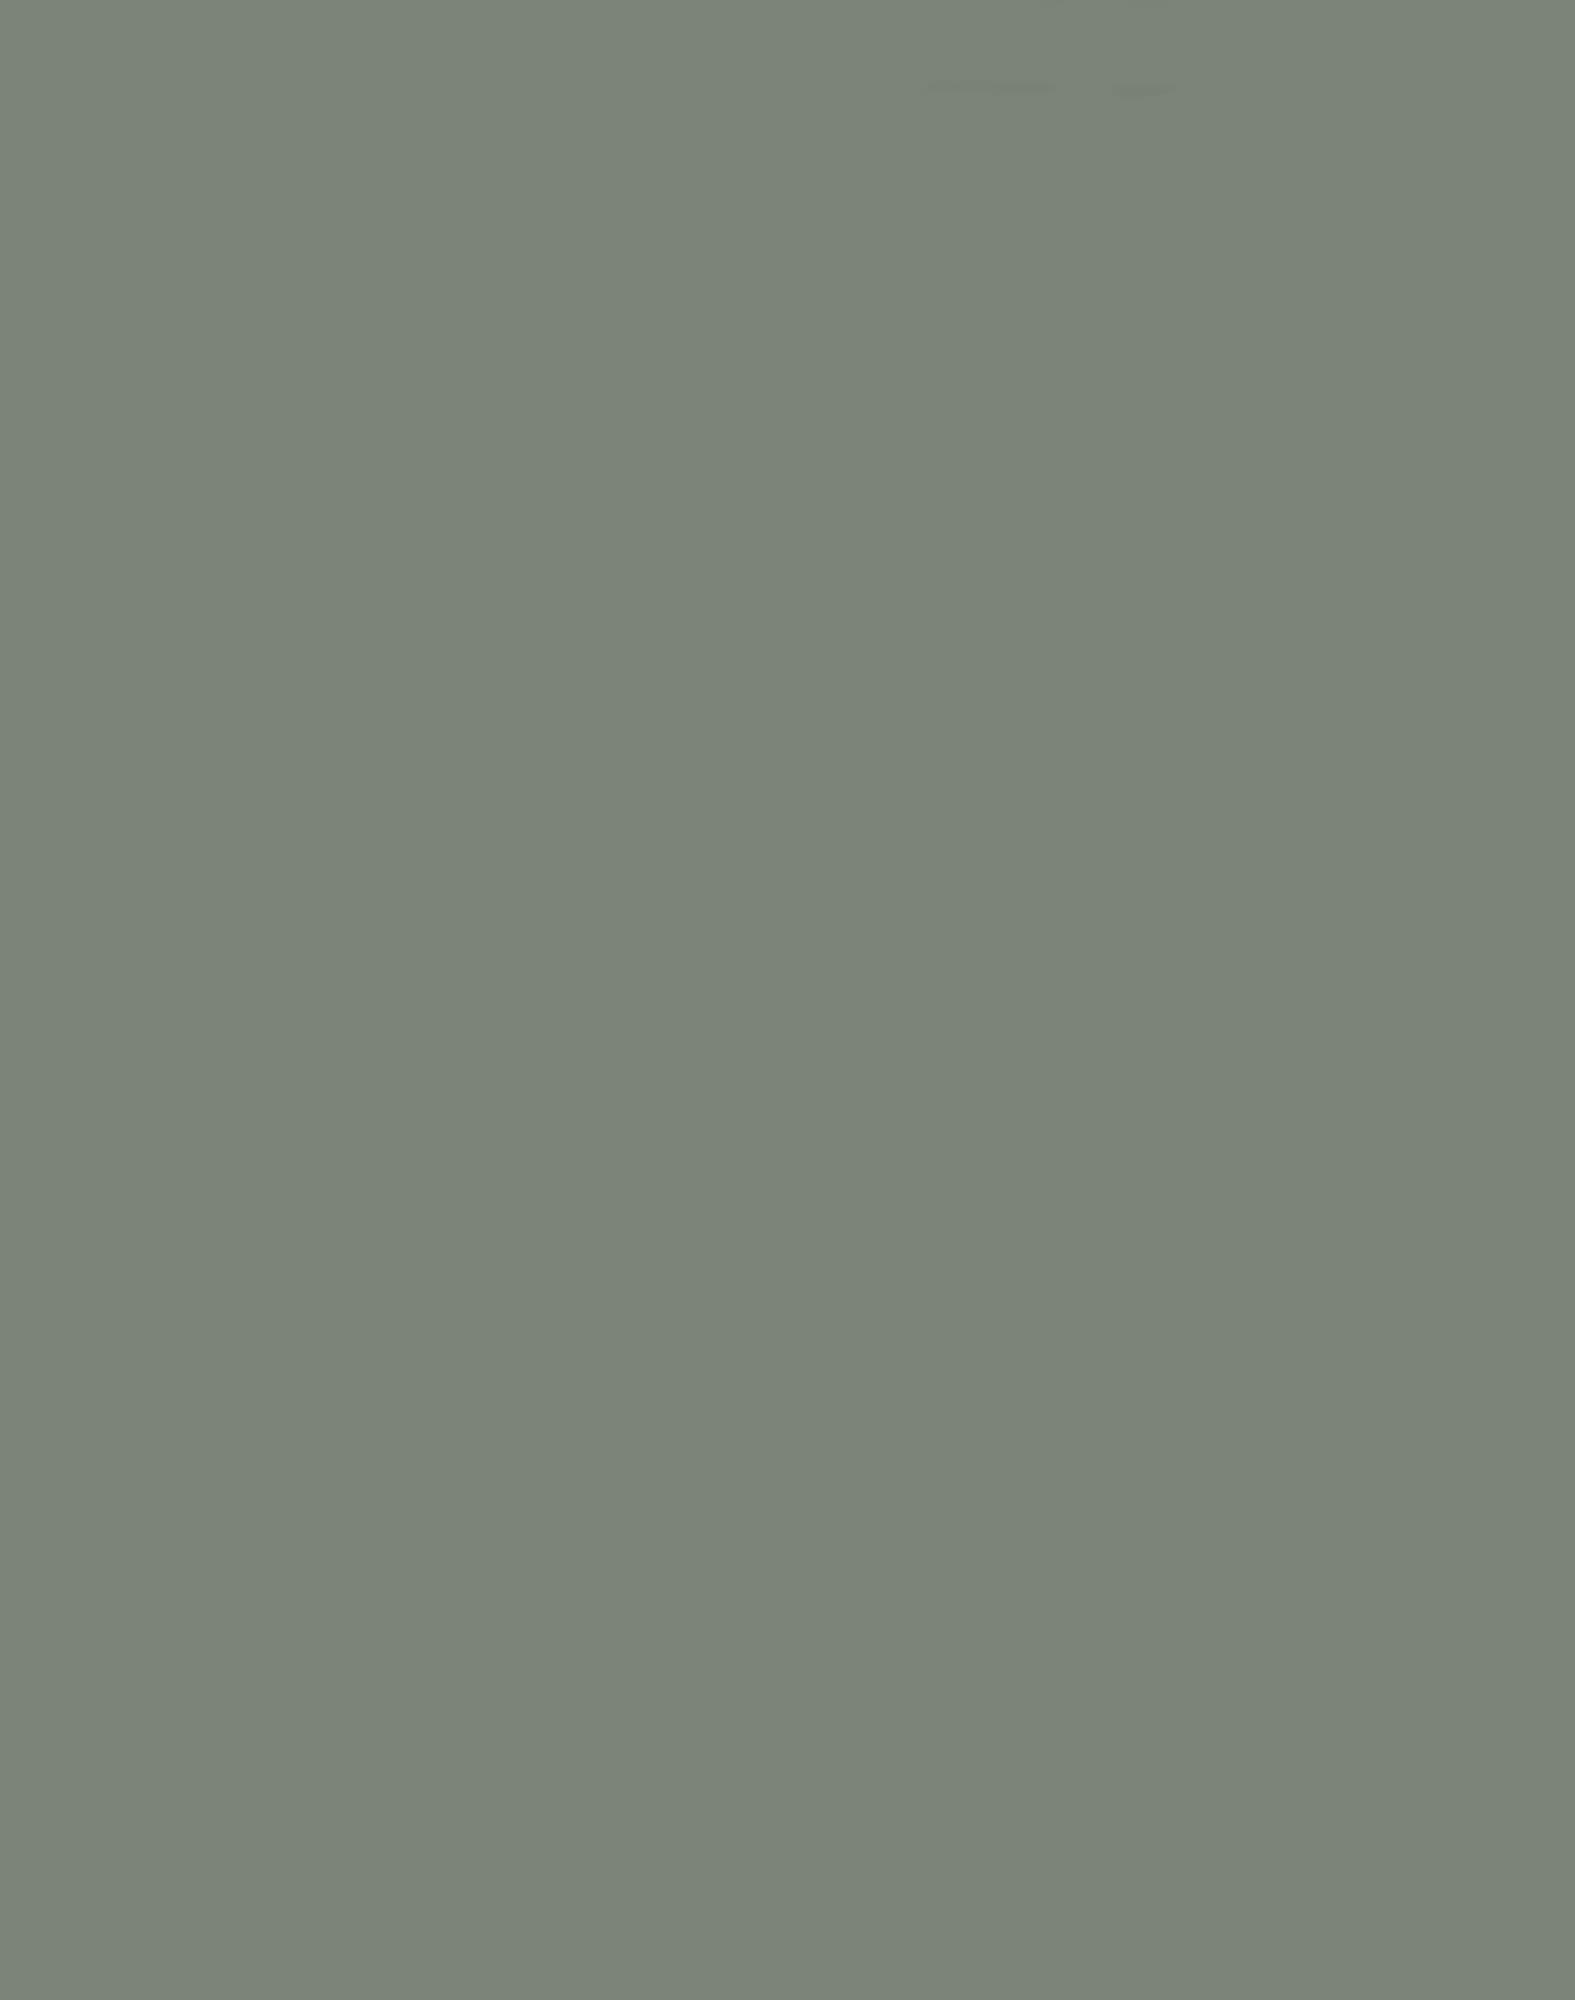 Dusty Fern 124,132,119